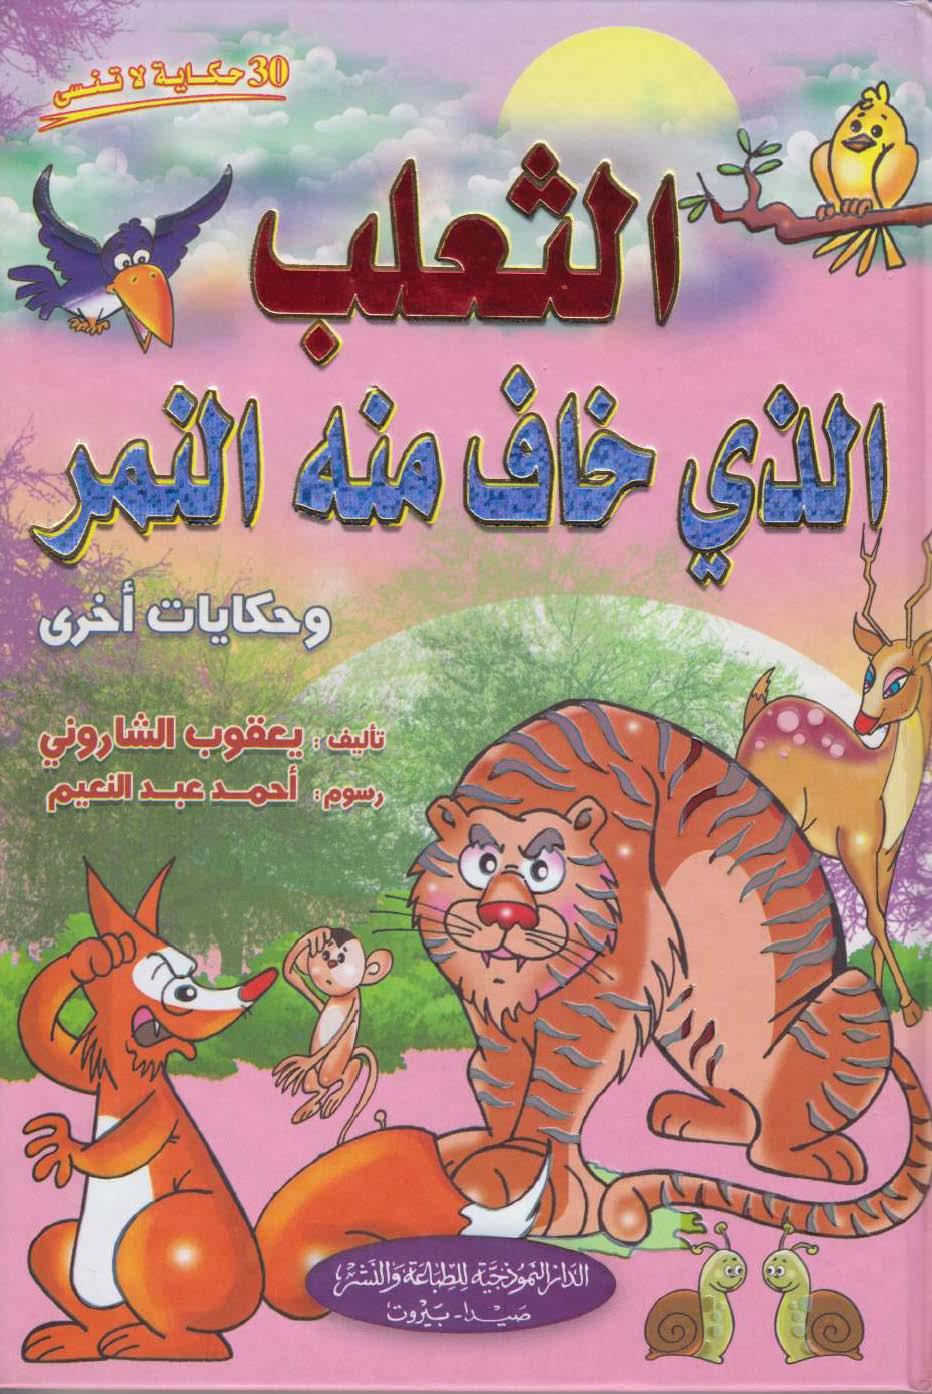 الثعلب الذى خاف منه النمر